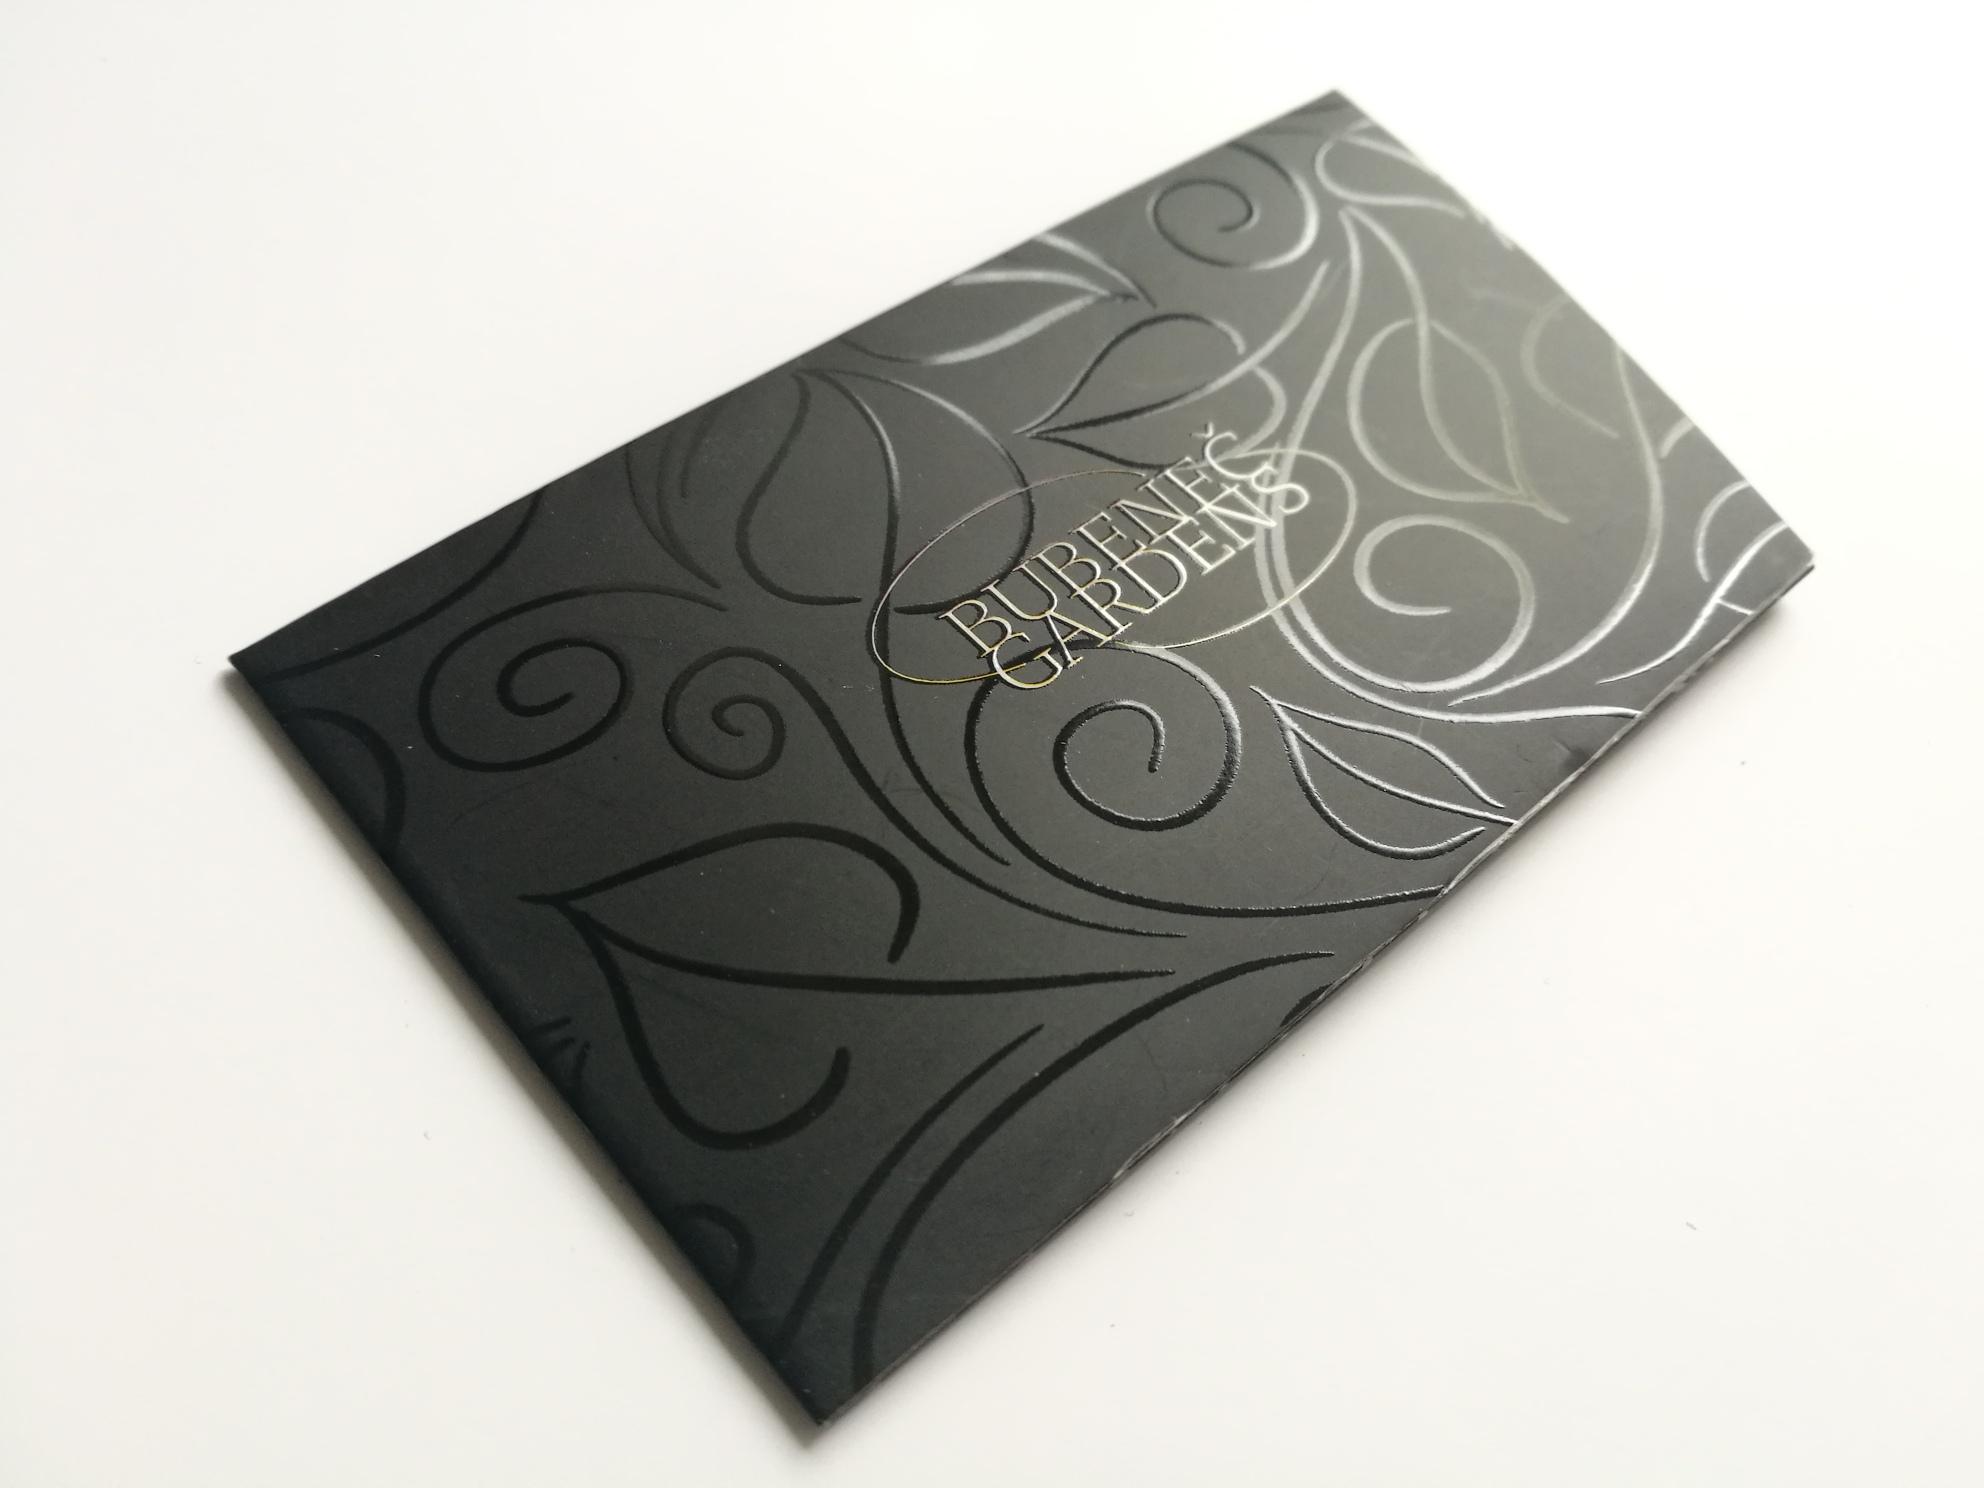 POUZDRO NA VIZITKu S PARCIÁLNÍM UV LAKEM - Parciální lak je vytisknutý na nepotisknutý černý papír, na kterém vytváří lesklý efekt.